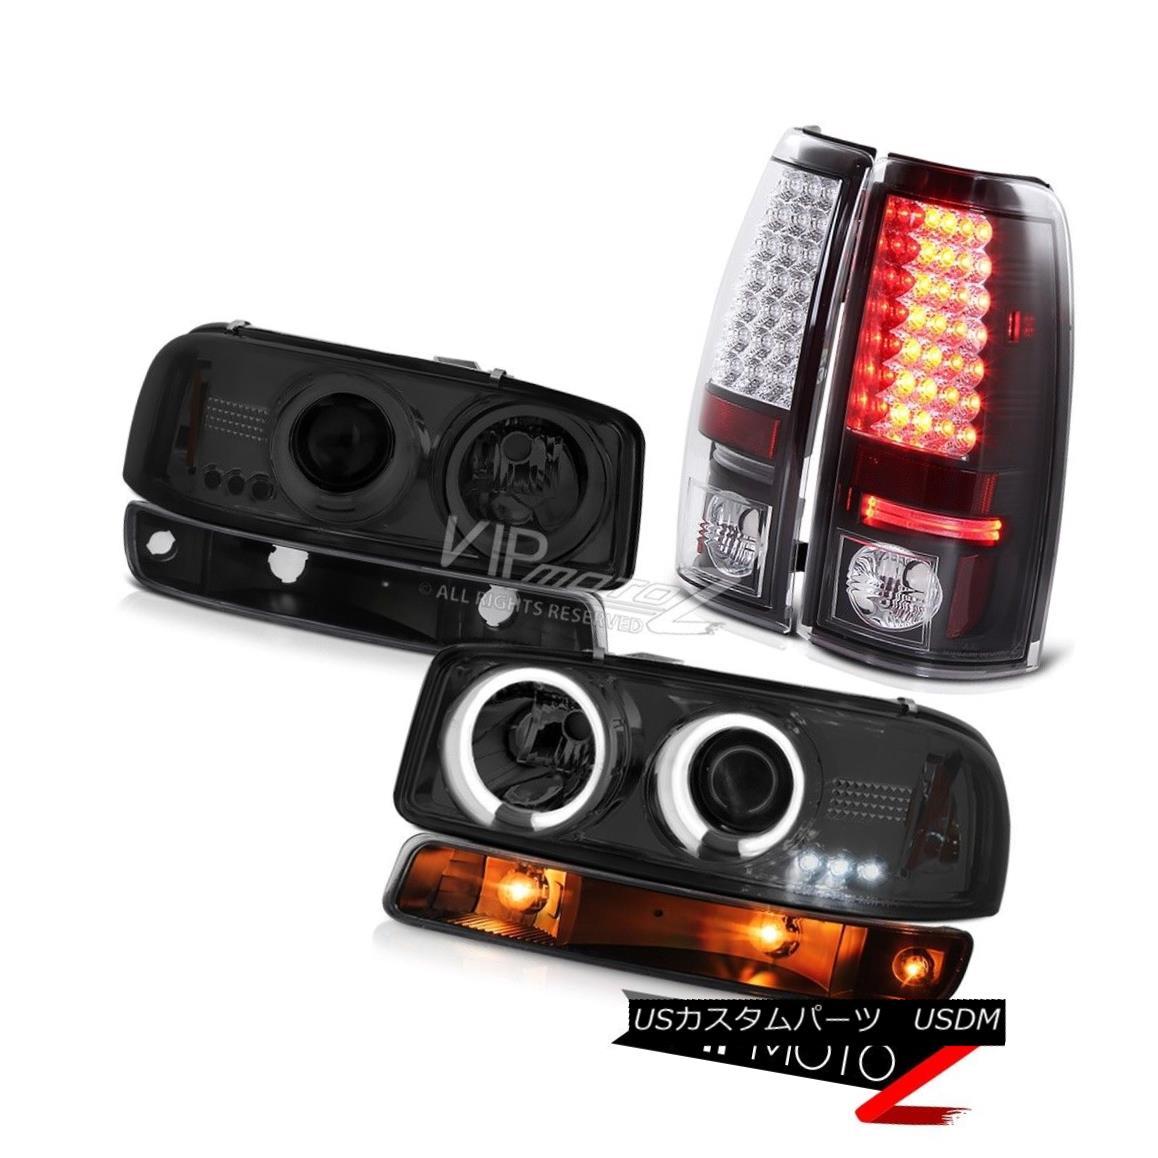 ヘッドライト 1999-2002 Sierra SLE Matte black smd taillamps bumper lamp smokey ccfl headlamps 1999-2002シエラSLEマットブラックsmdテールランプバンパーランプスモーキーccflヘッドライト